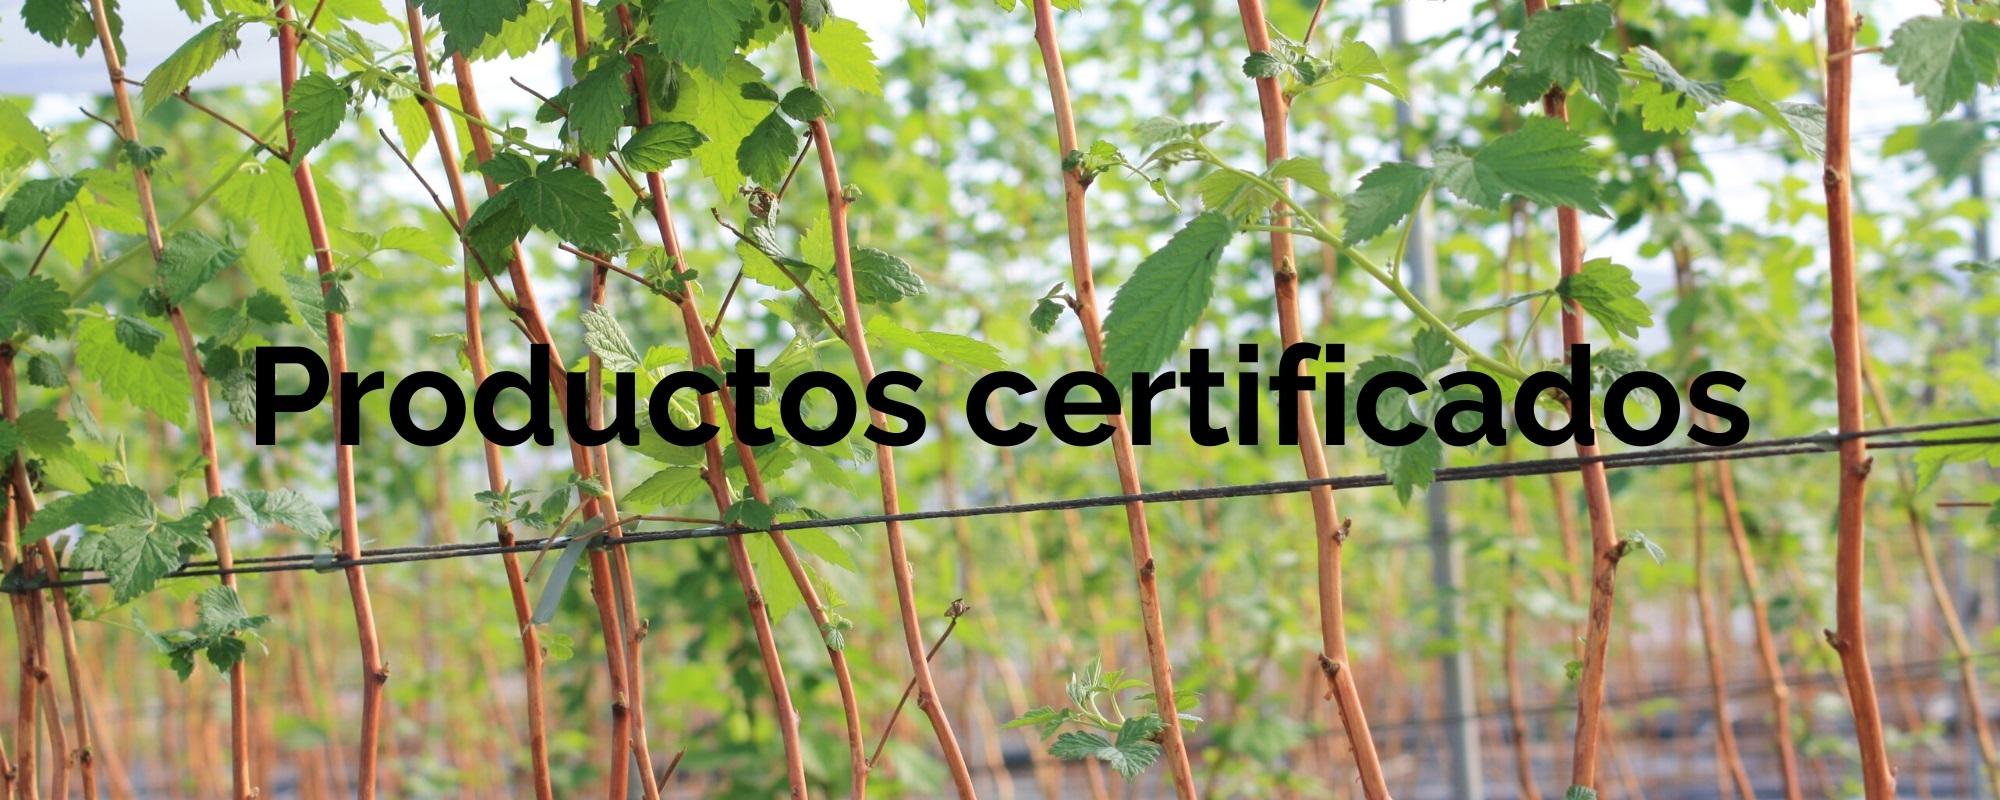 productos-certificados-agroecologica-el-origen-agricultura-ecologica-01